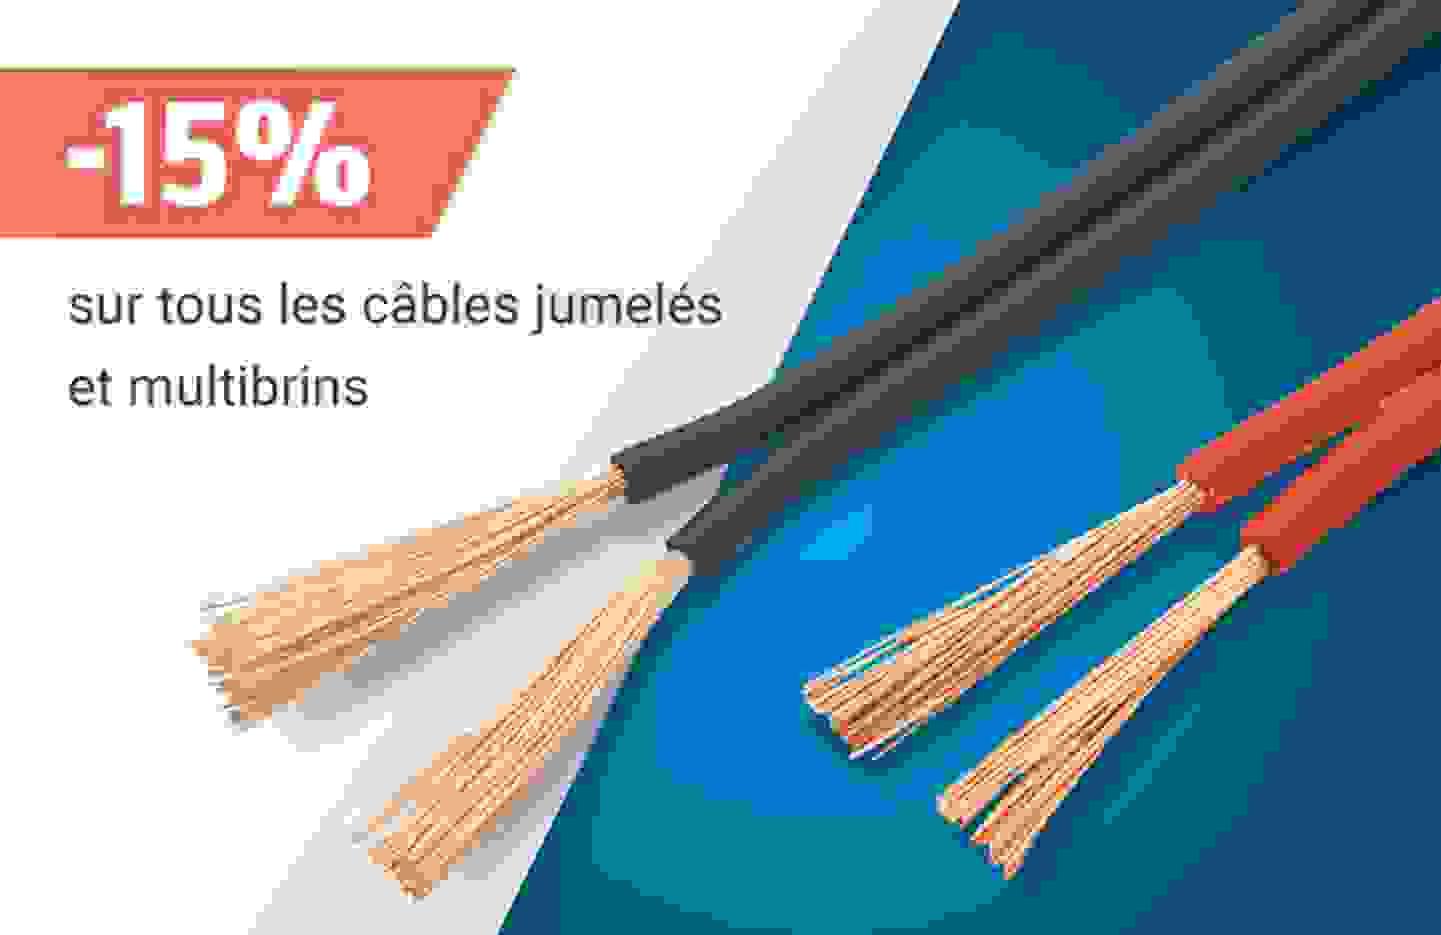 Promotion: 15% de remise sur les câbles jumelés & multibrins